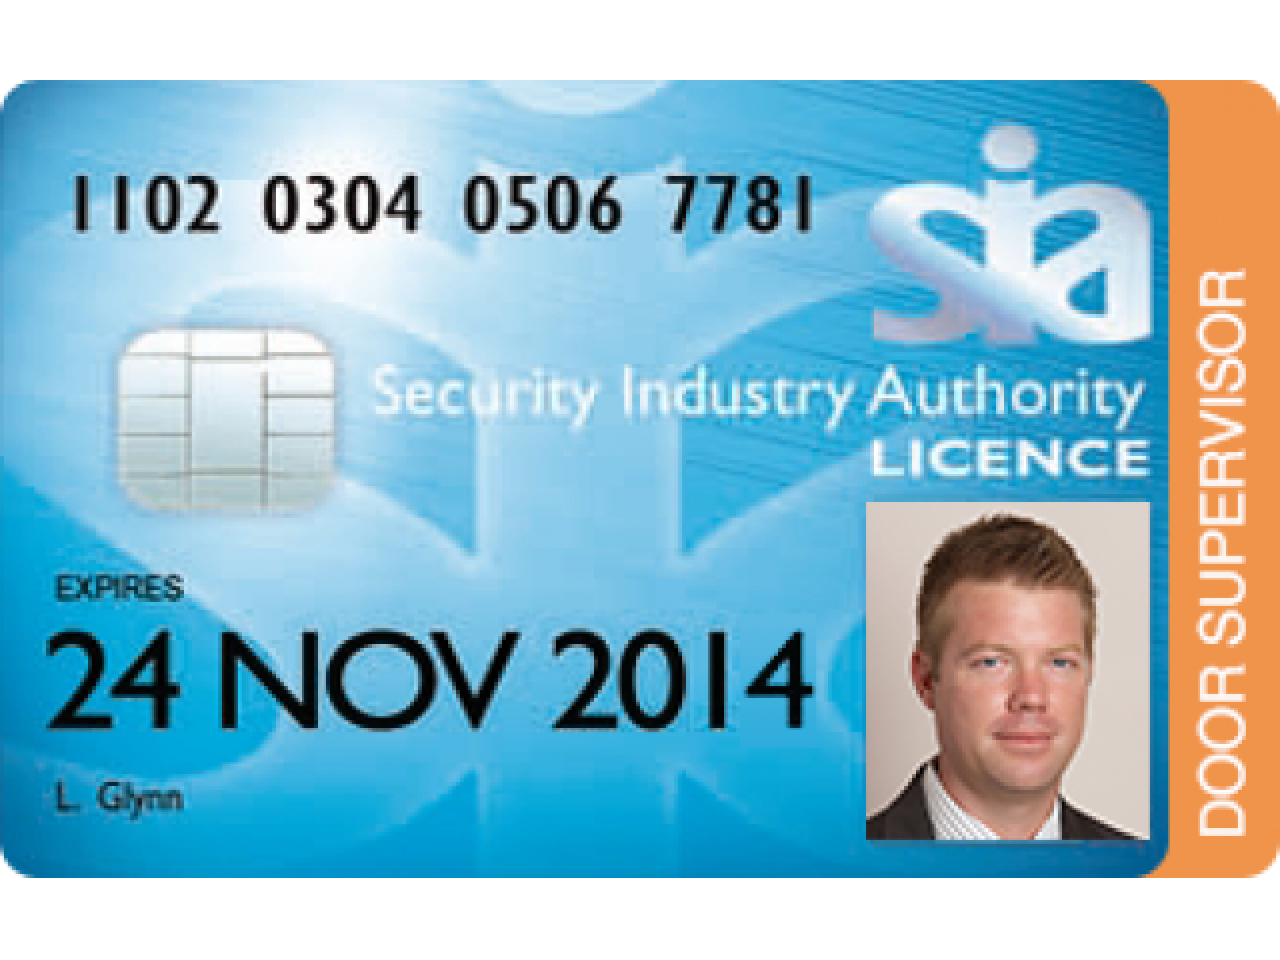 Курсы охранников/Security SIA и гарантированная работа для мужчин и женщин. - 1